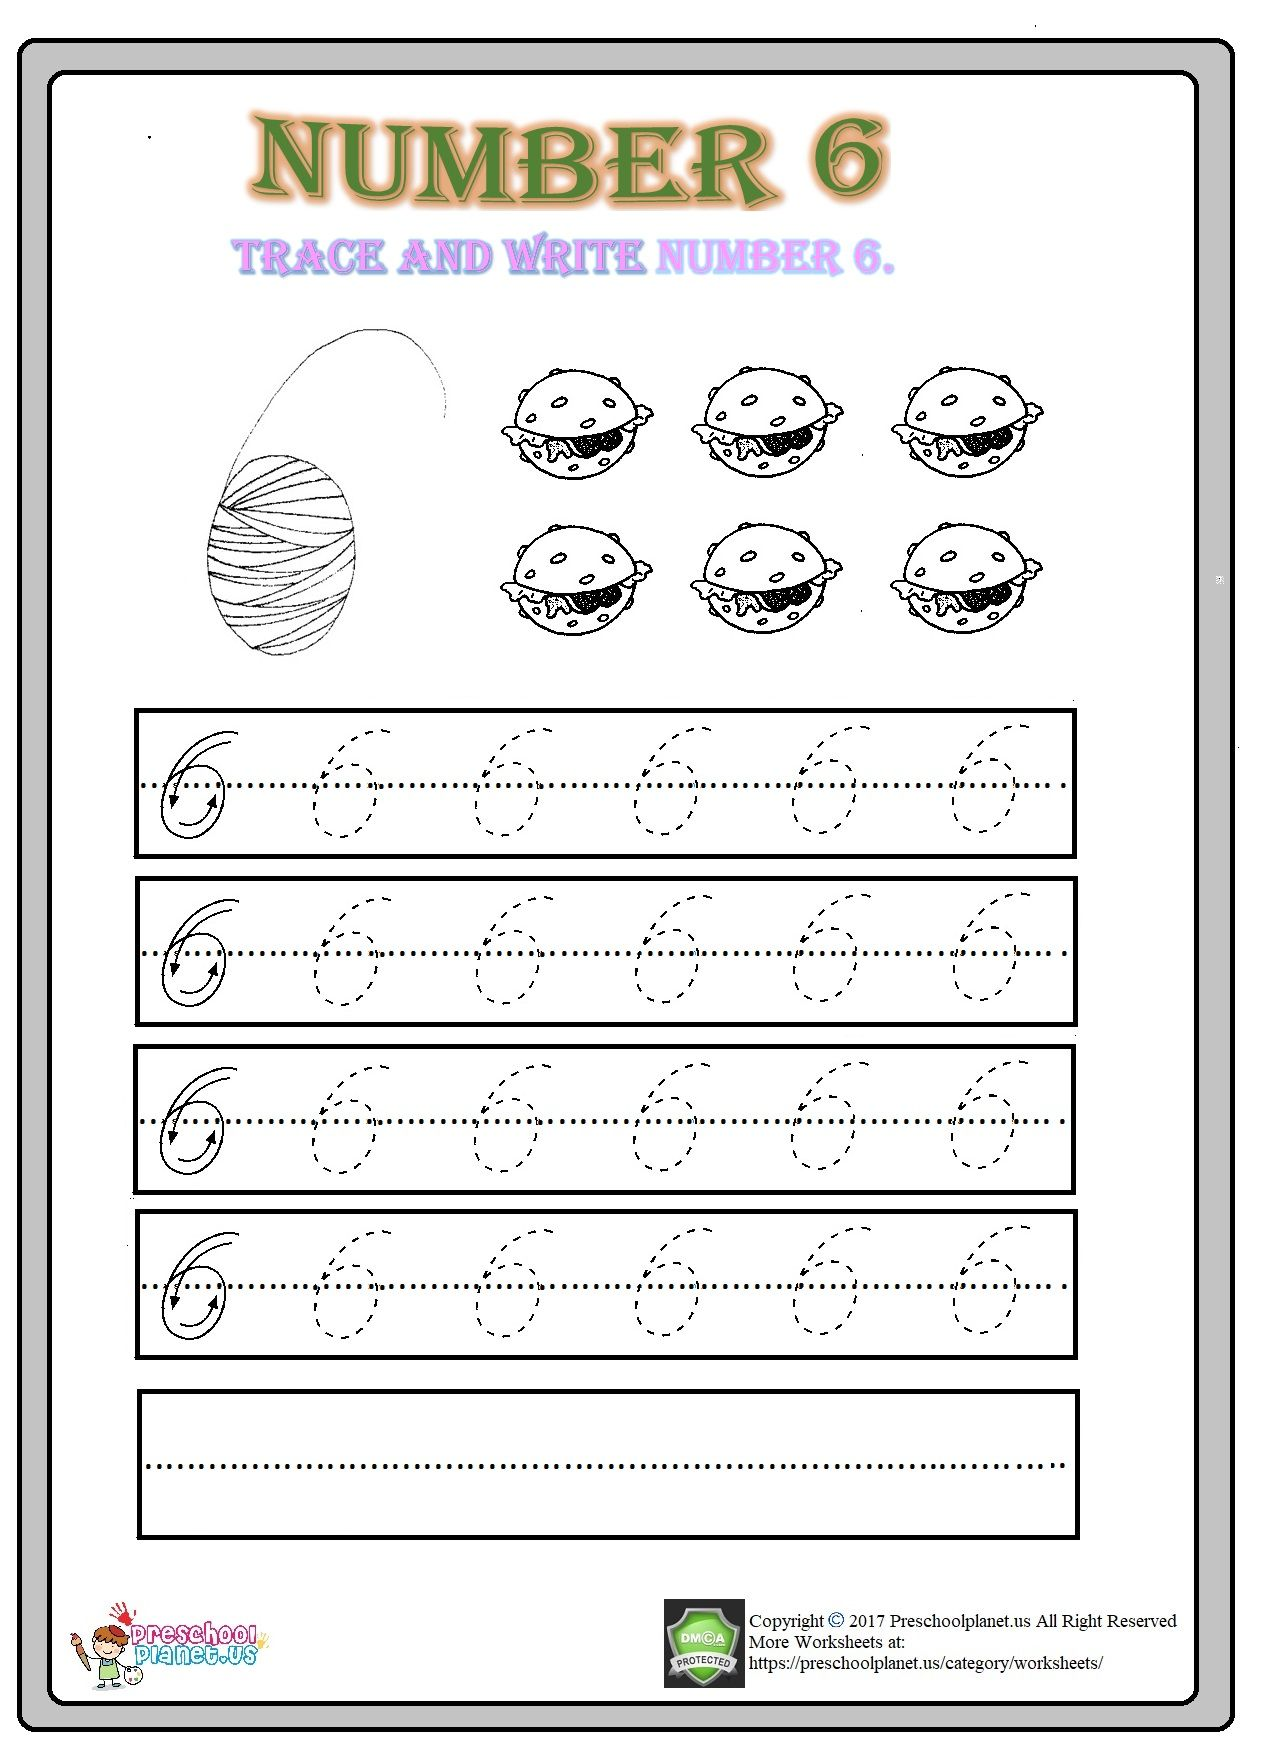 Number 6 worksheet for kindergarten | Worksheets, Kindergarten and ...